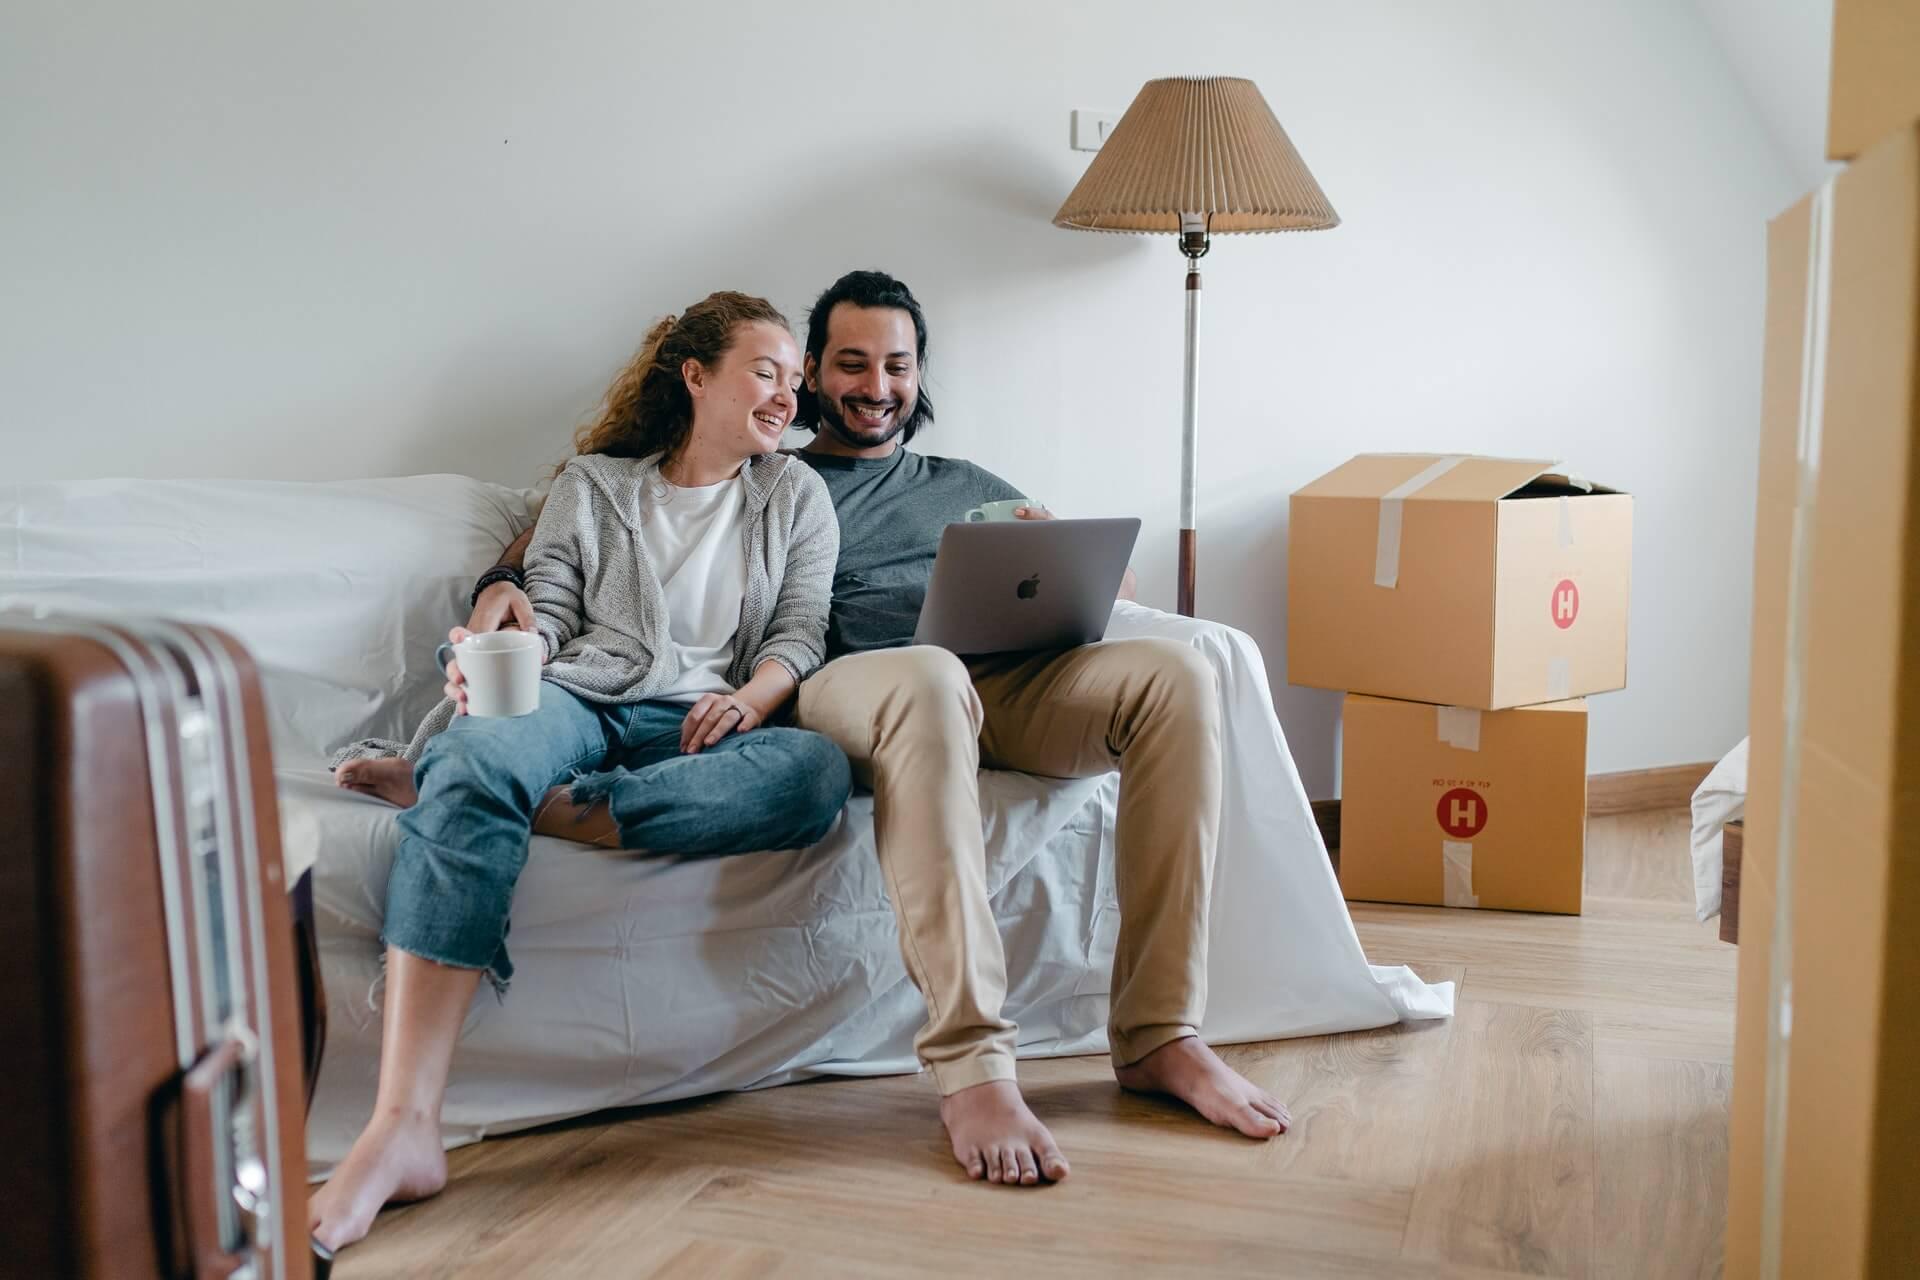 Immobilie kaufen - Persönlichen Kreditrahmen berechnen